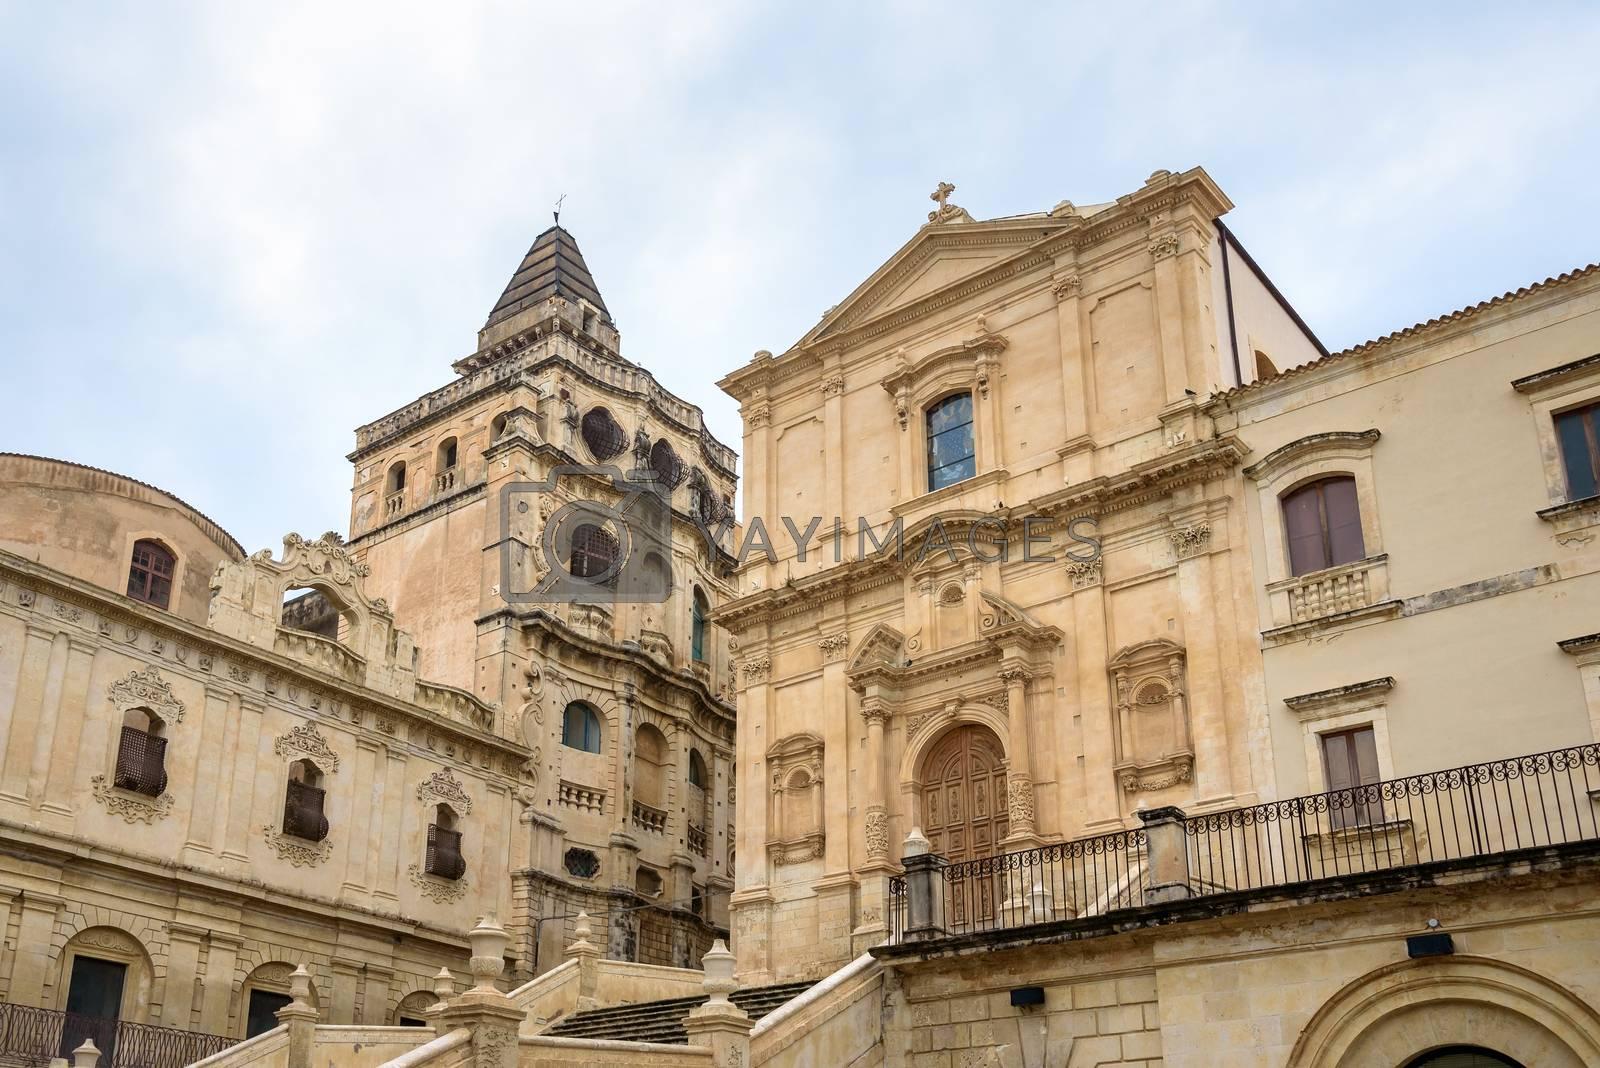 Facade of the San Francesco Assisi church in Noto, Sicily, italy